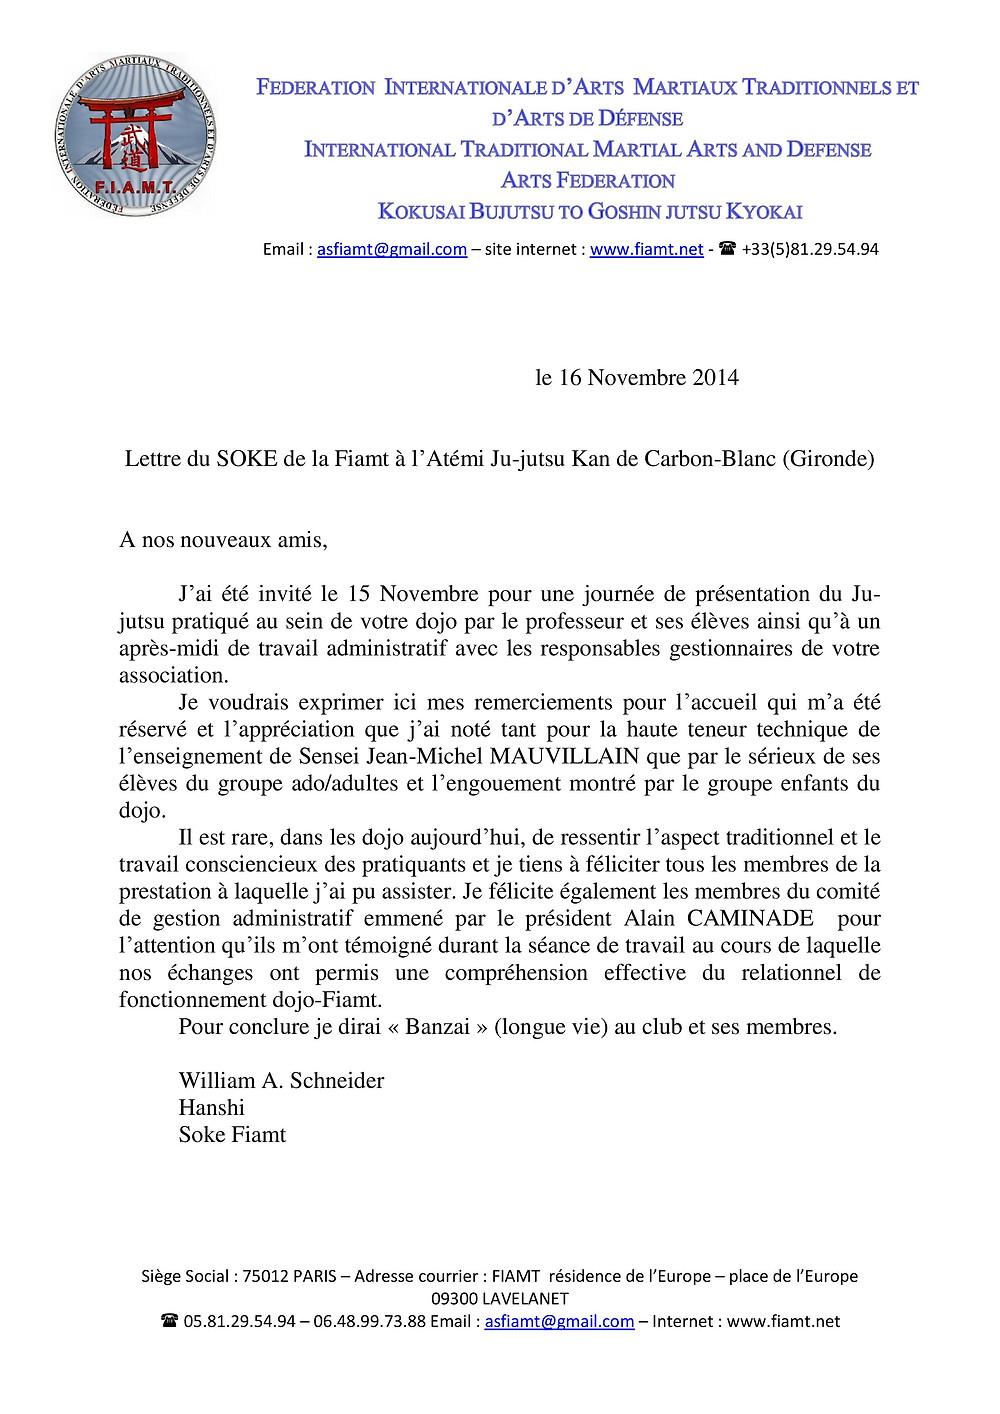 Lettre_félicitation_docm_-_Copie-page-001.jpg